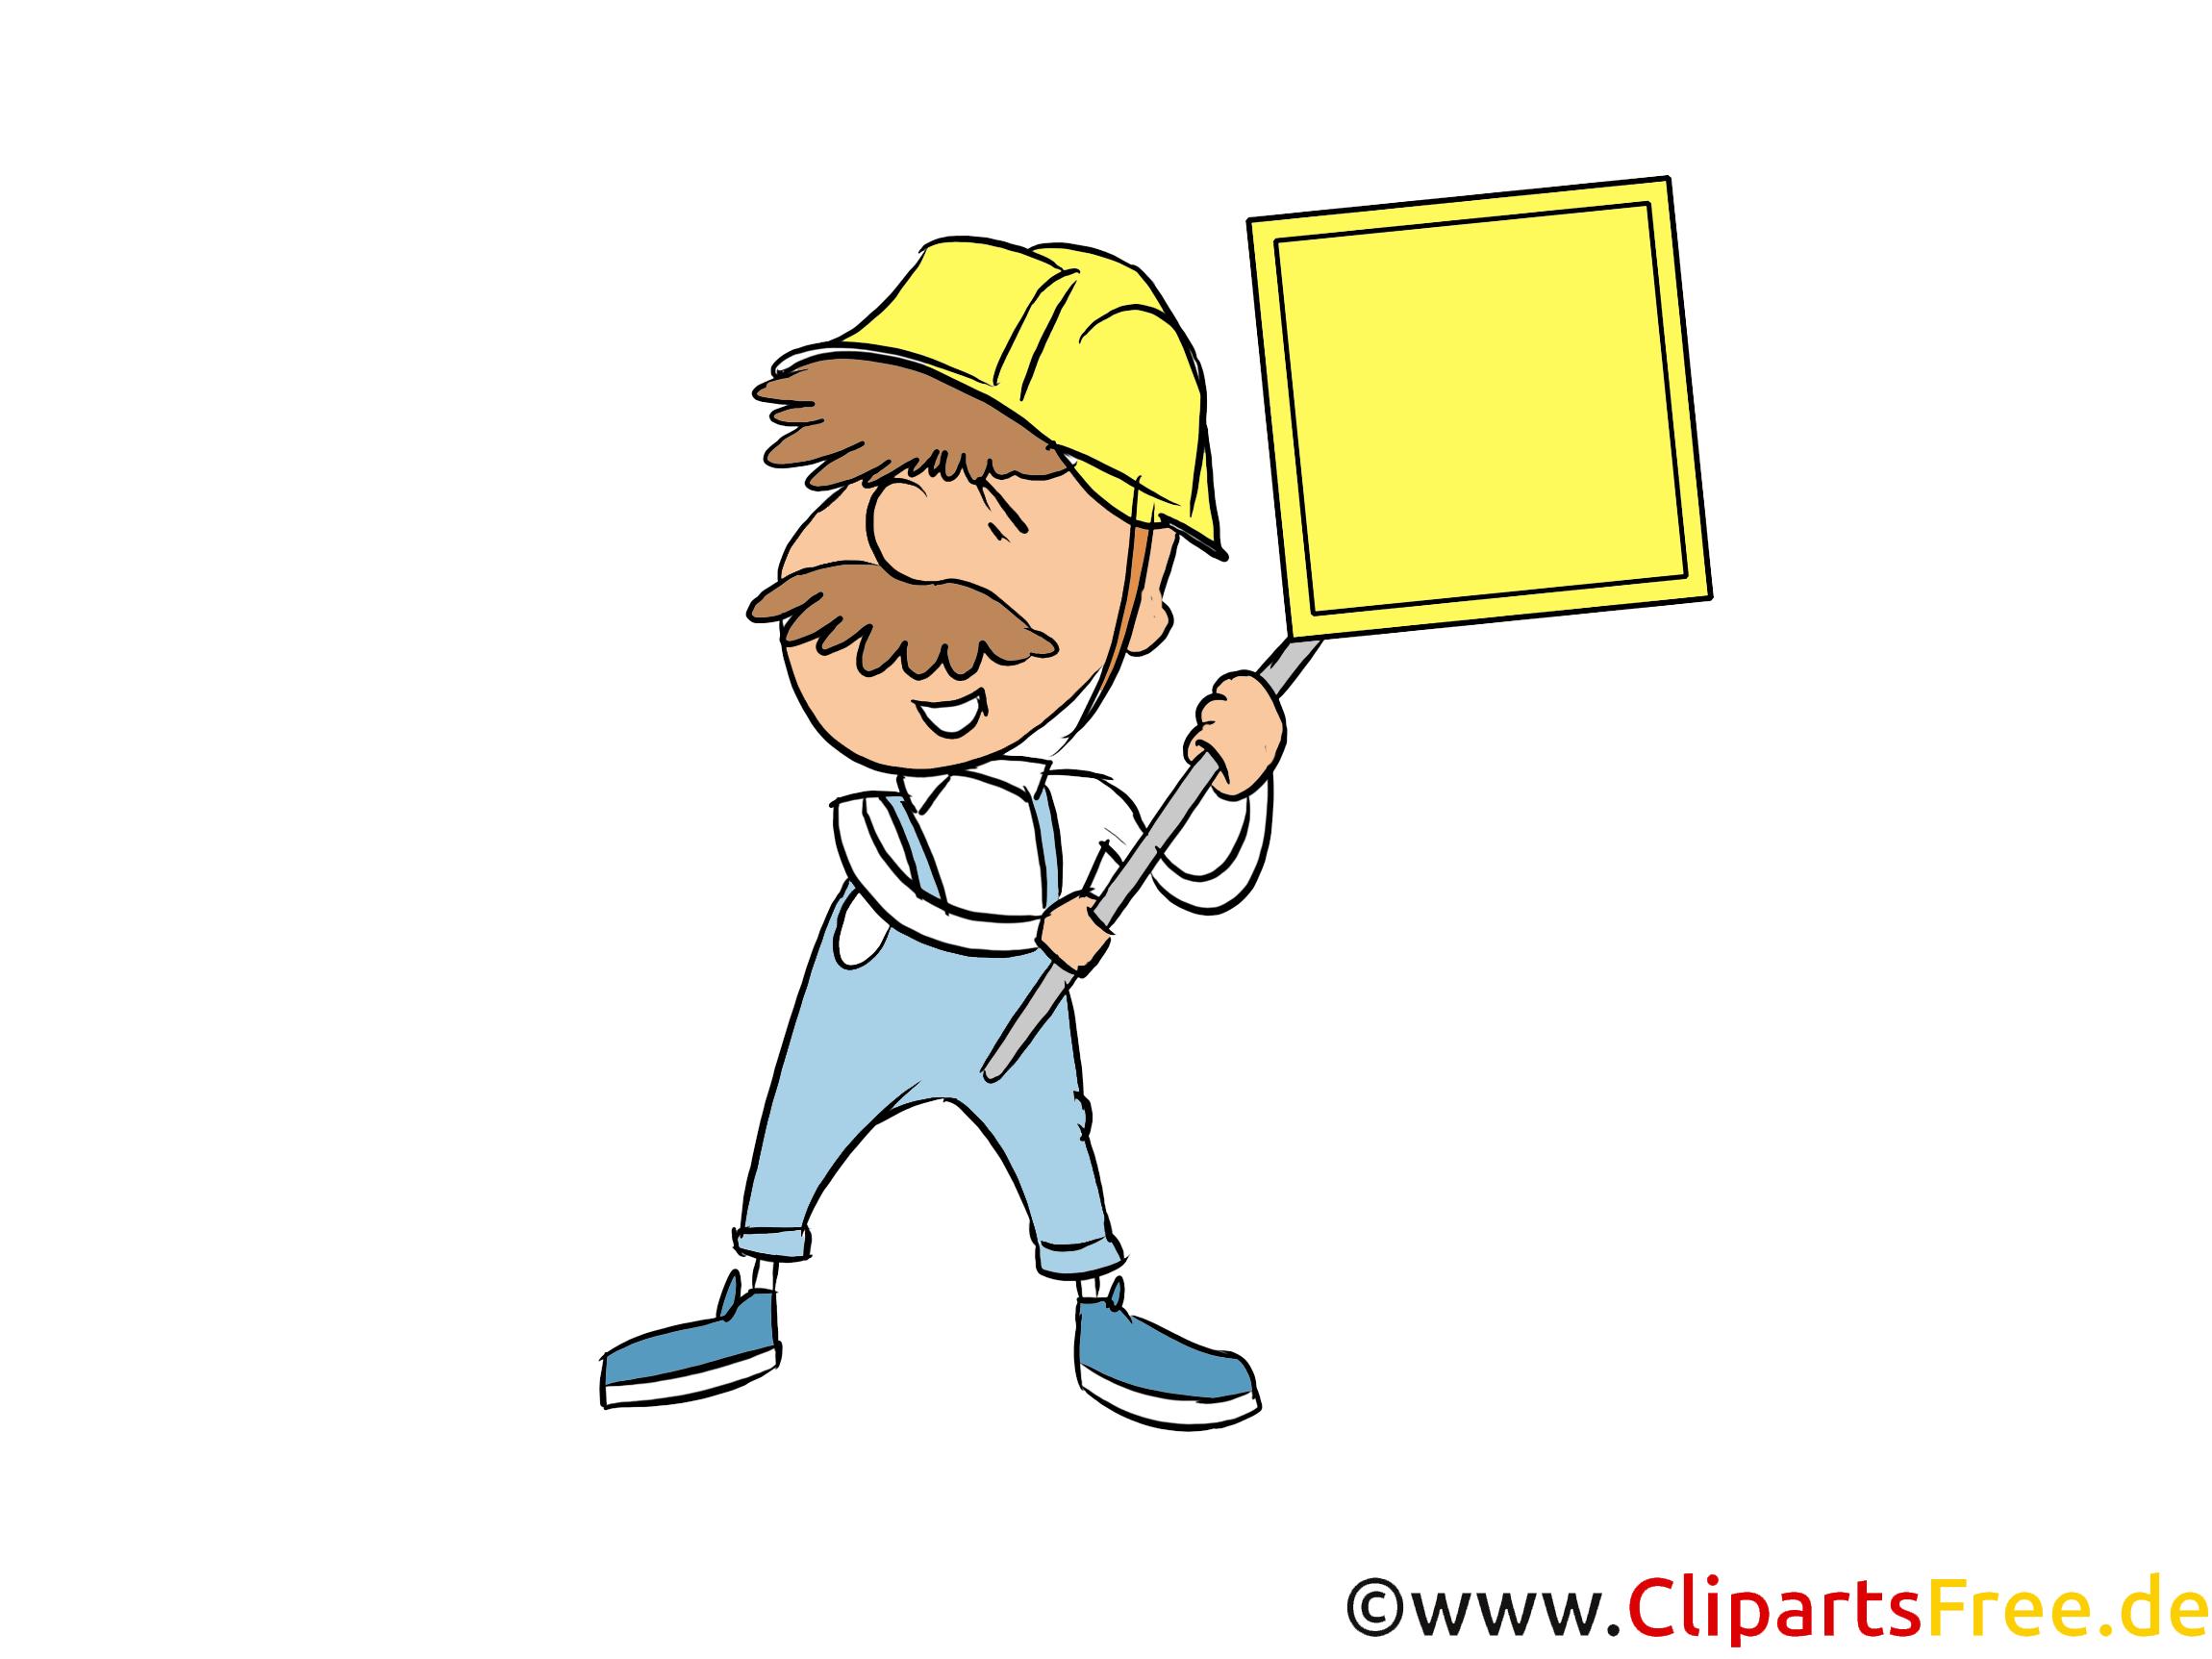 Bauarbeiter mit Schild Powerpoint Grafiken kostenlos